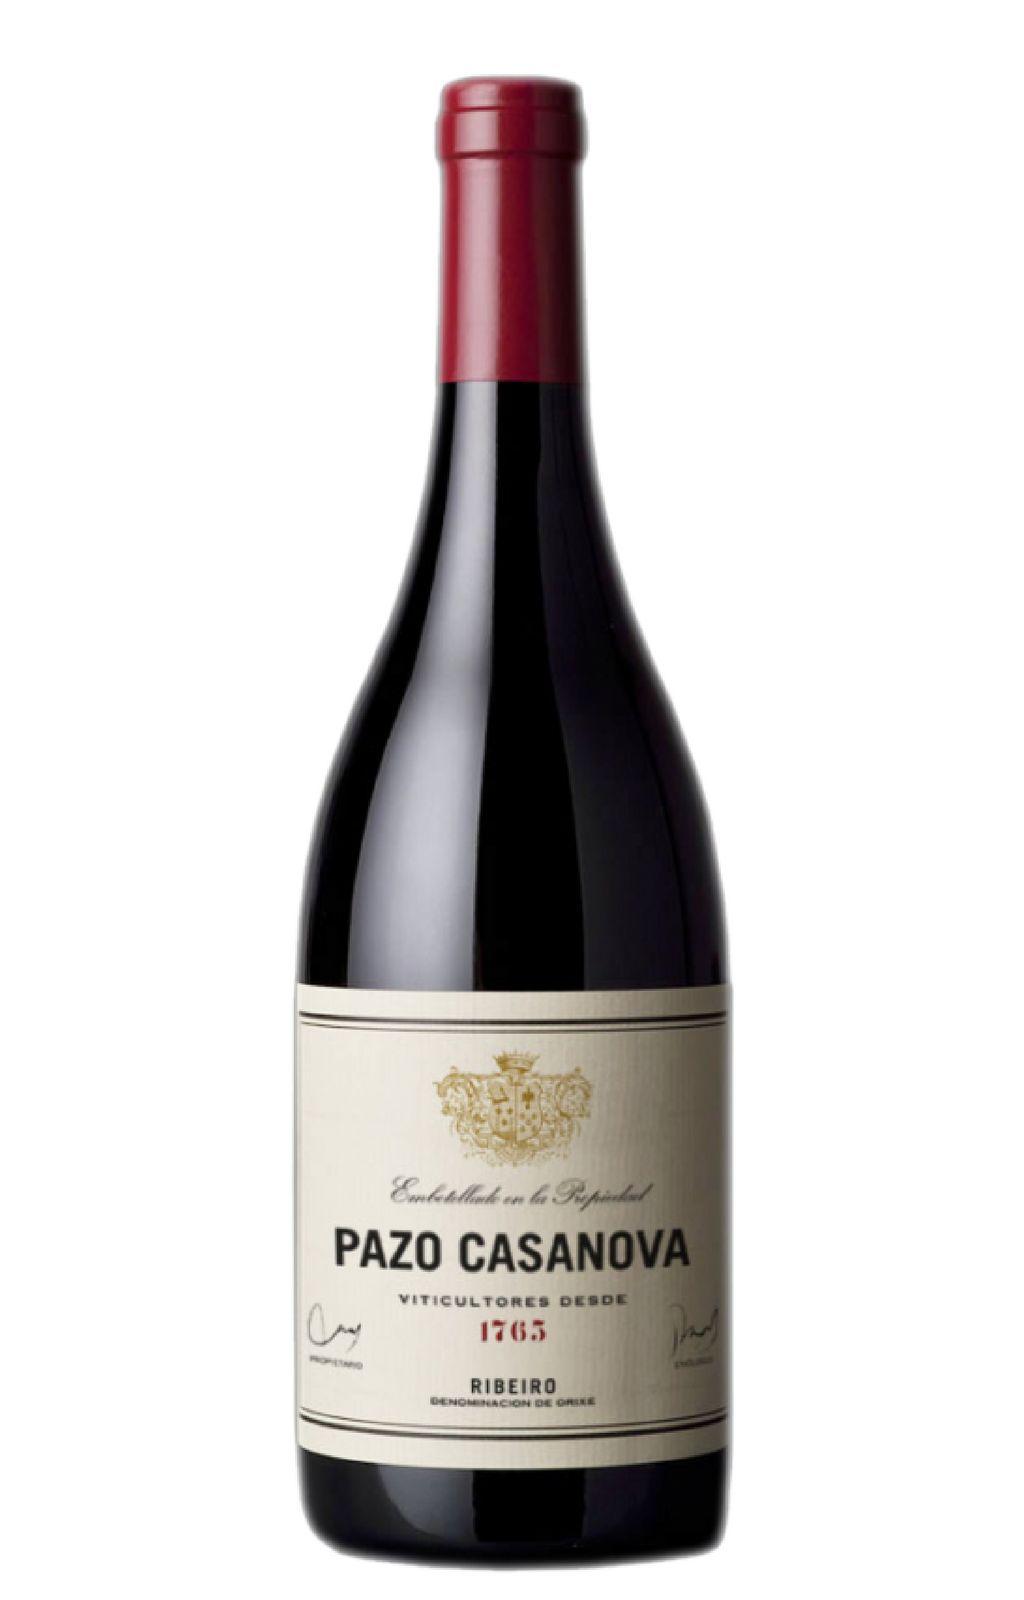 Pazo Casanova Tinto 2018